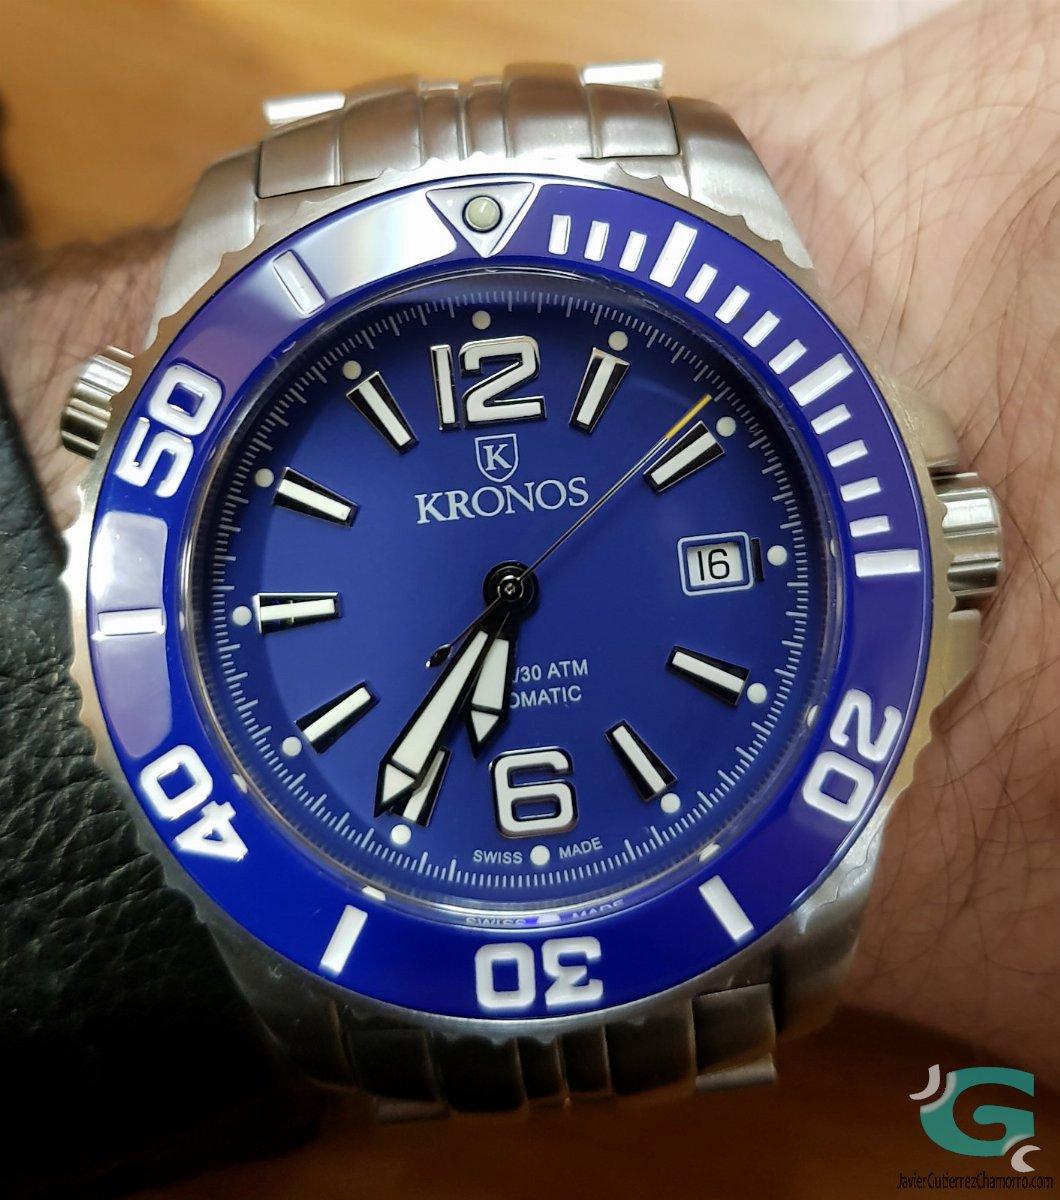 0a1c96c0f083 Kronos K300 Automatic Blue